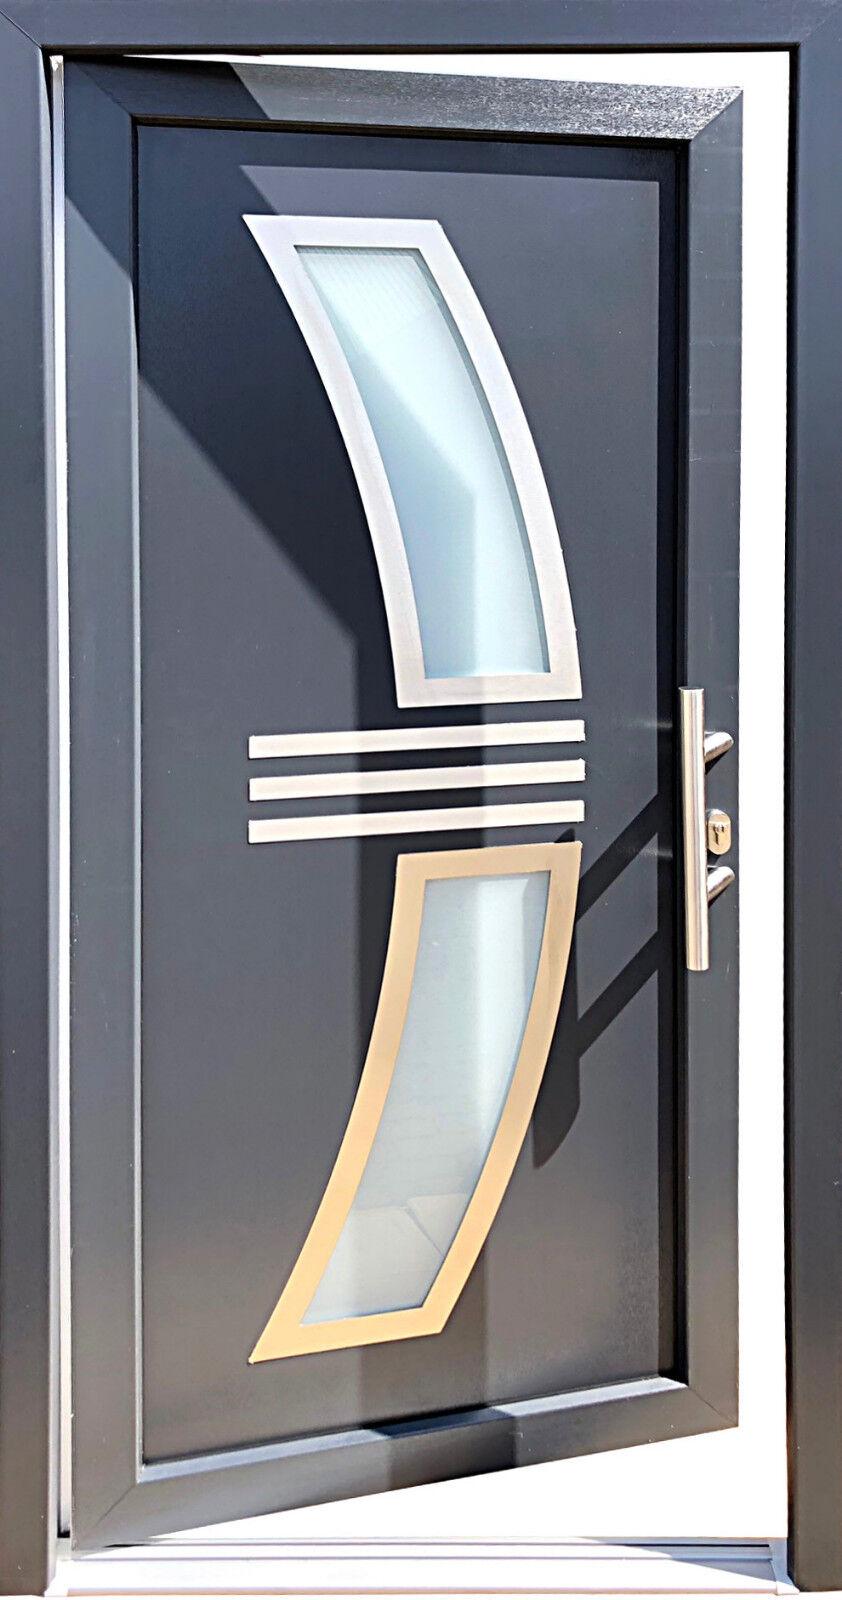 Nr.2 Haustür 100 100 100 x 210 cm,Wohnungstür in anthrazit,Hauseingangstür,Innen R. a7a492